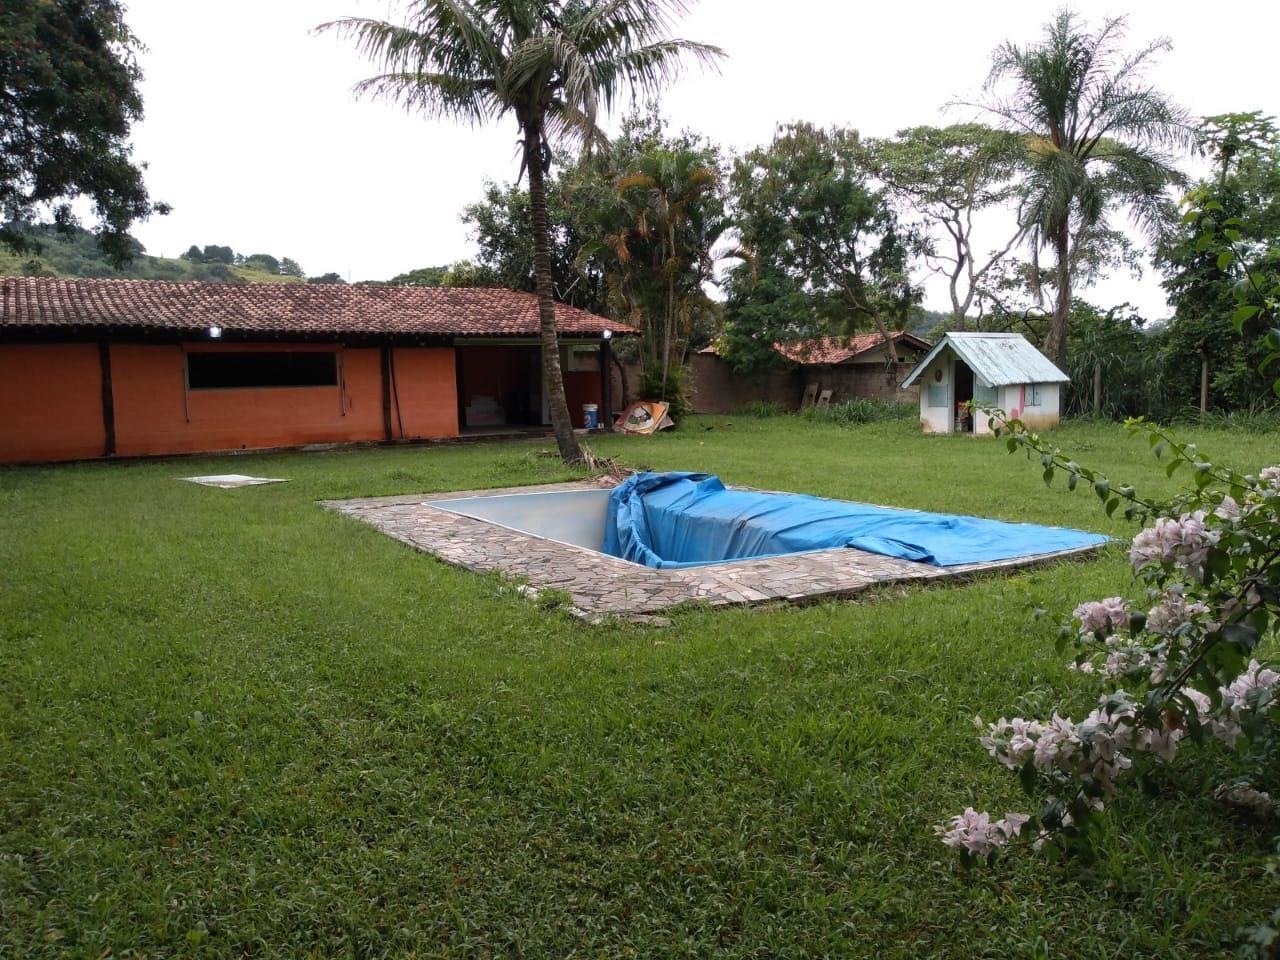 Chácara Rústica com 3 dormitórios à venda, 3200 m² por R$ 580.000 - São Joaquim - Vinhedo/SP